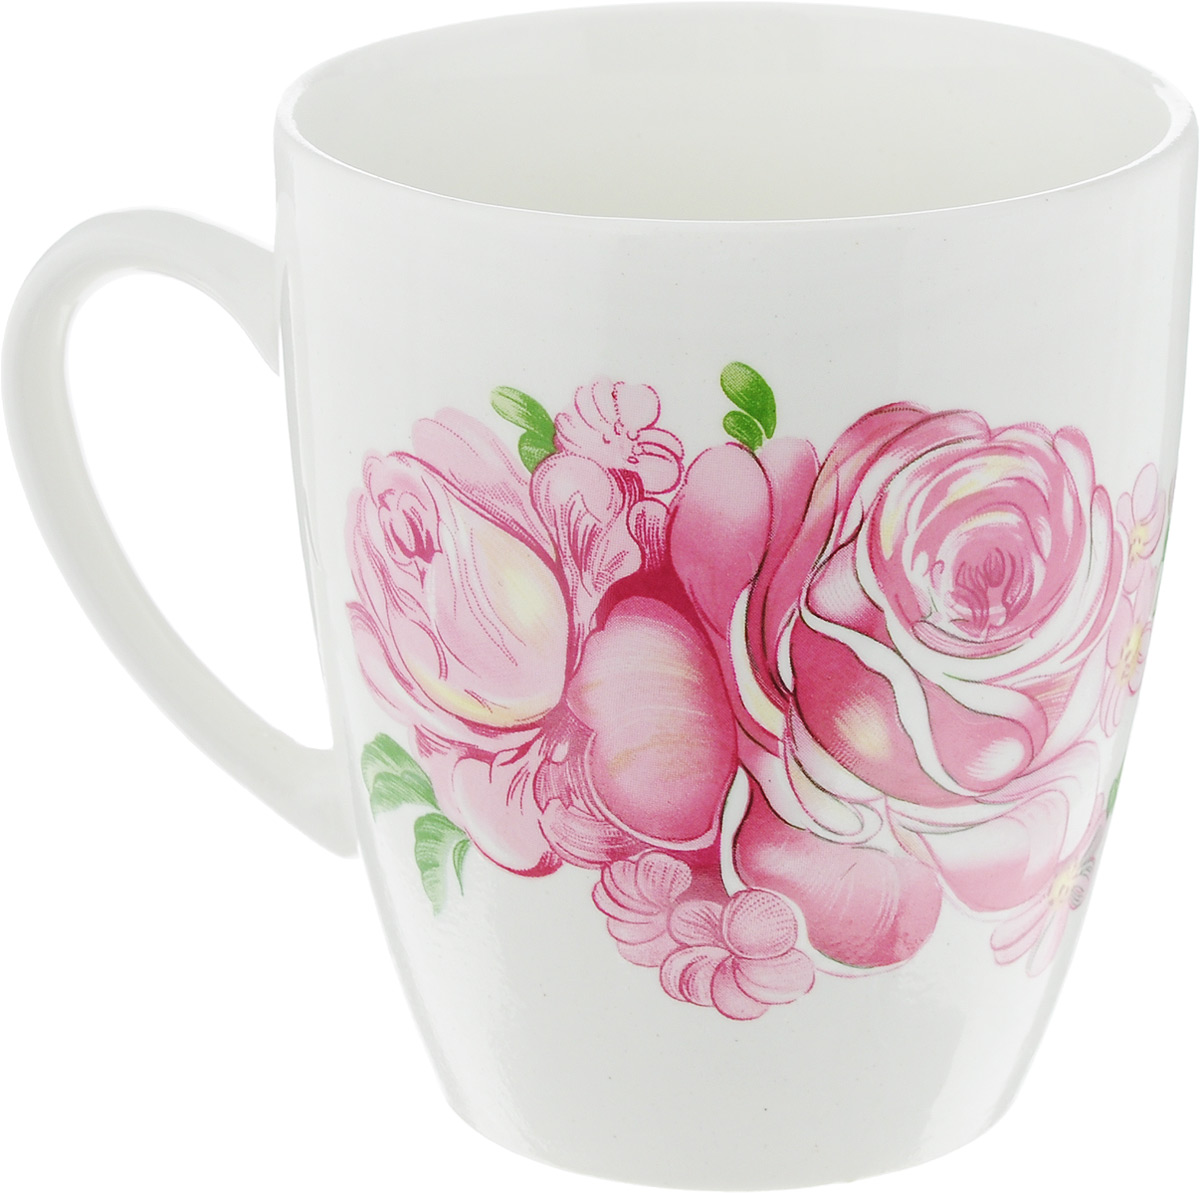 Кружка Кубаньфарфор Розовые розы, 370 мл54 009312Оригинальная кружка Кубаньфарфор Розовые розы выполнена из высококачественного фаянса и оформлена изображением роз. Такая кружка станет отличным дополнением к сервировке семейного стола и замечательным подарком для ваших родных и друзей.Диаметр кружки (по верхнему краю): 8,5 см.Высота кружки: 10 см.